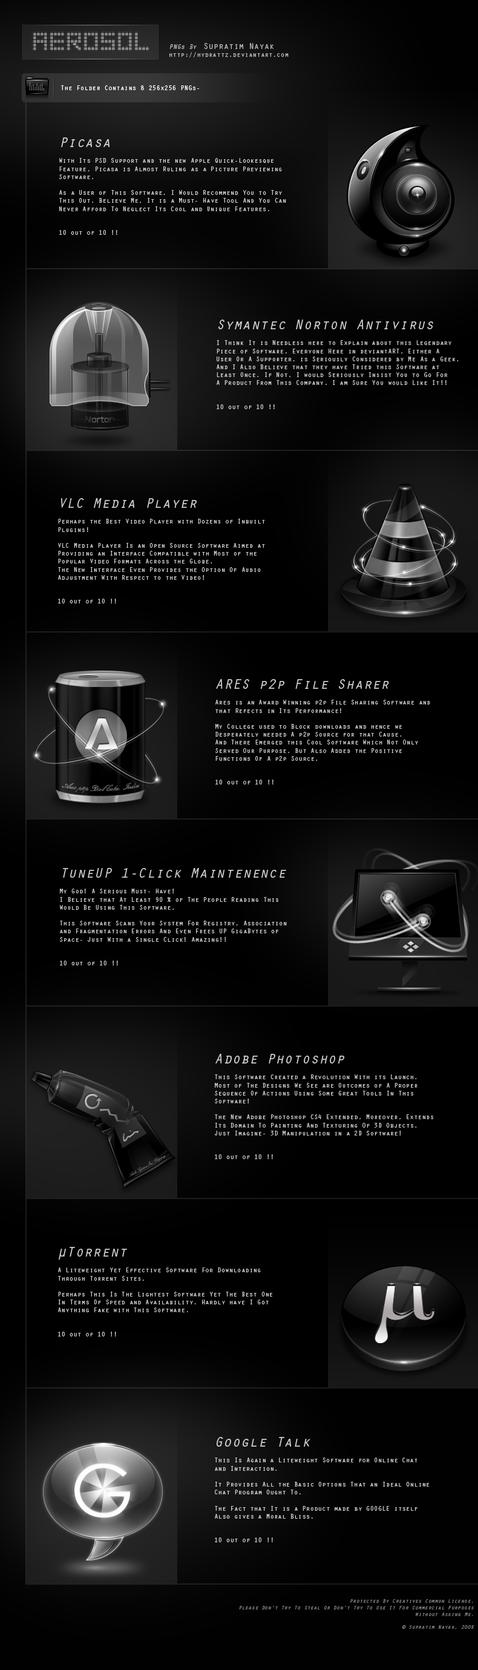 Aerosol Applications by HYDRATTZ